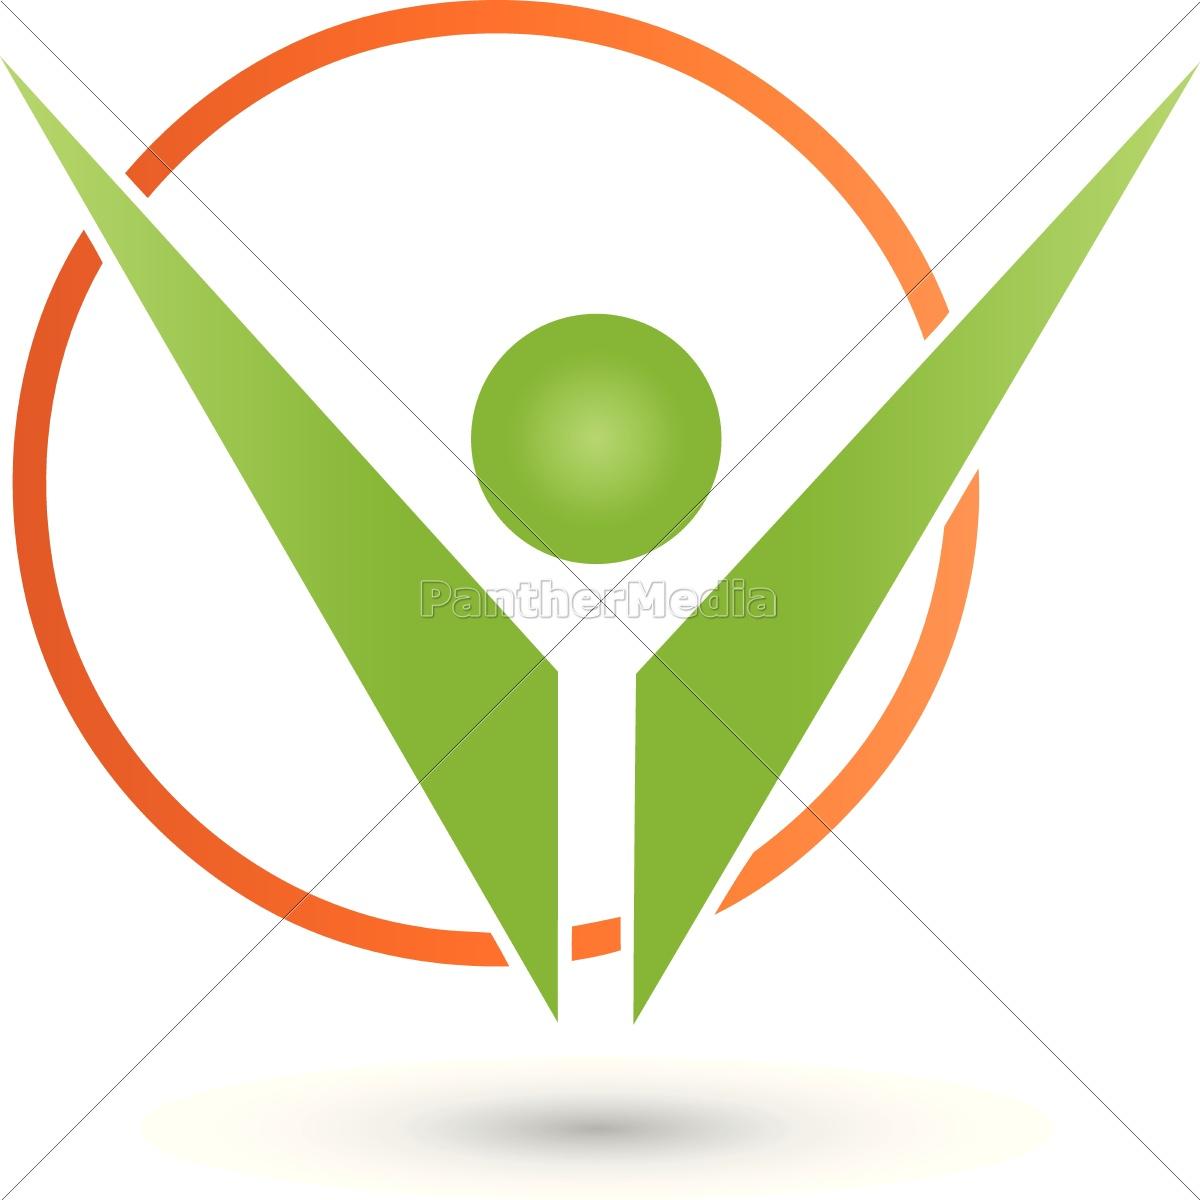 Person Und Kreis Logo Dienstleistung Fitness Lizenzfreies Bild